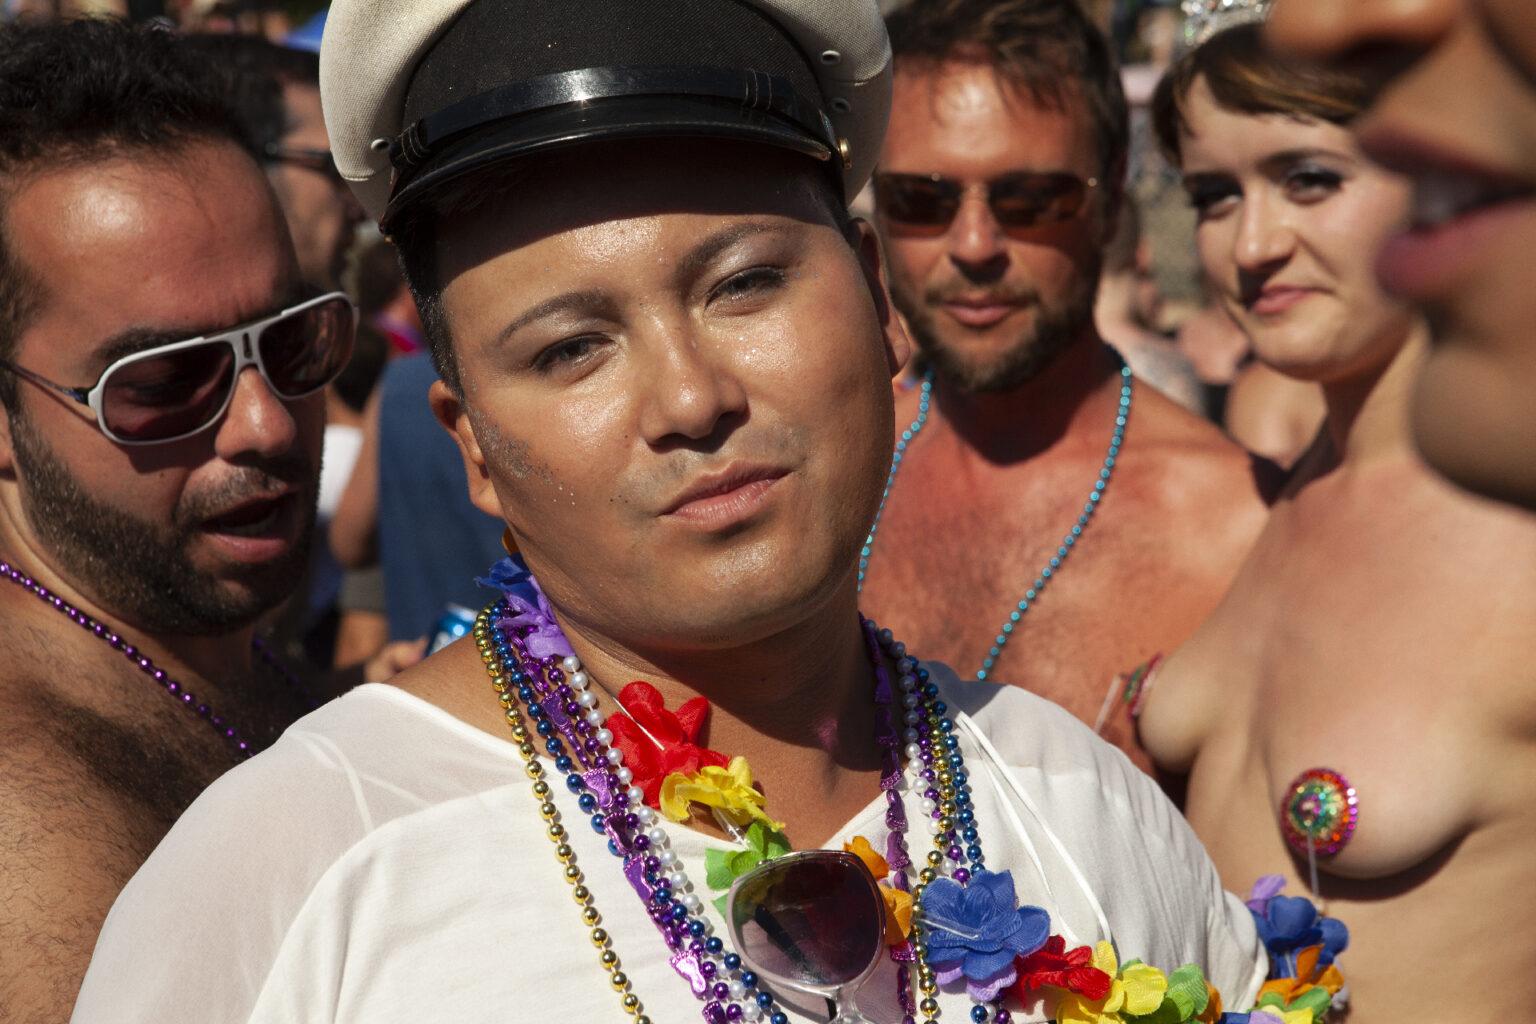 Sailor's cap, Vancouver Pride, Canada 2014